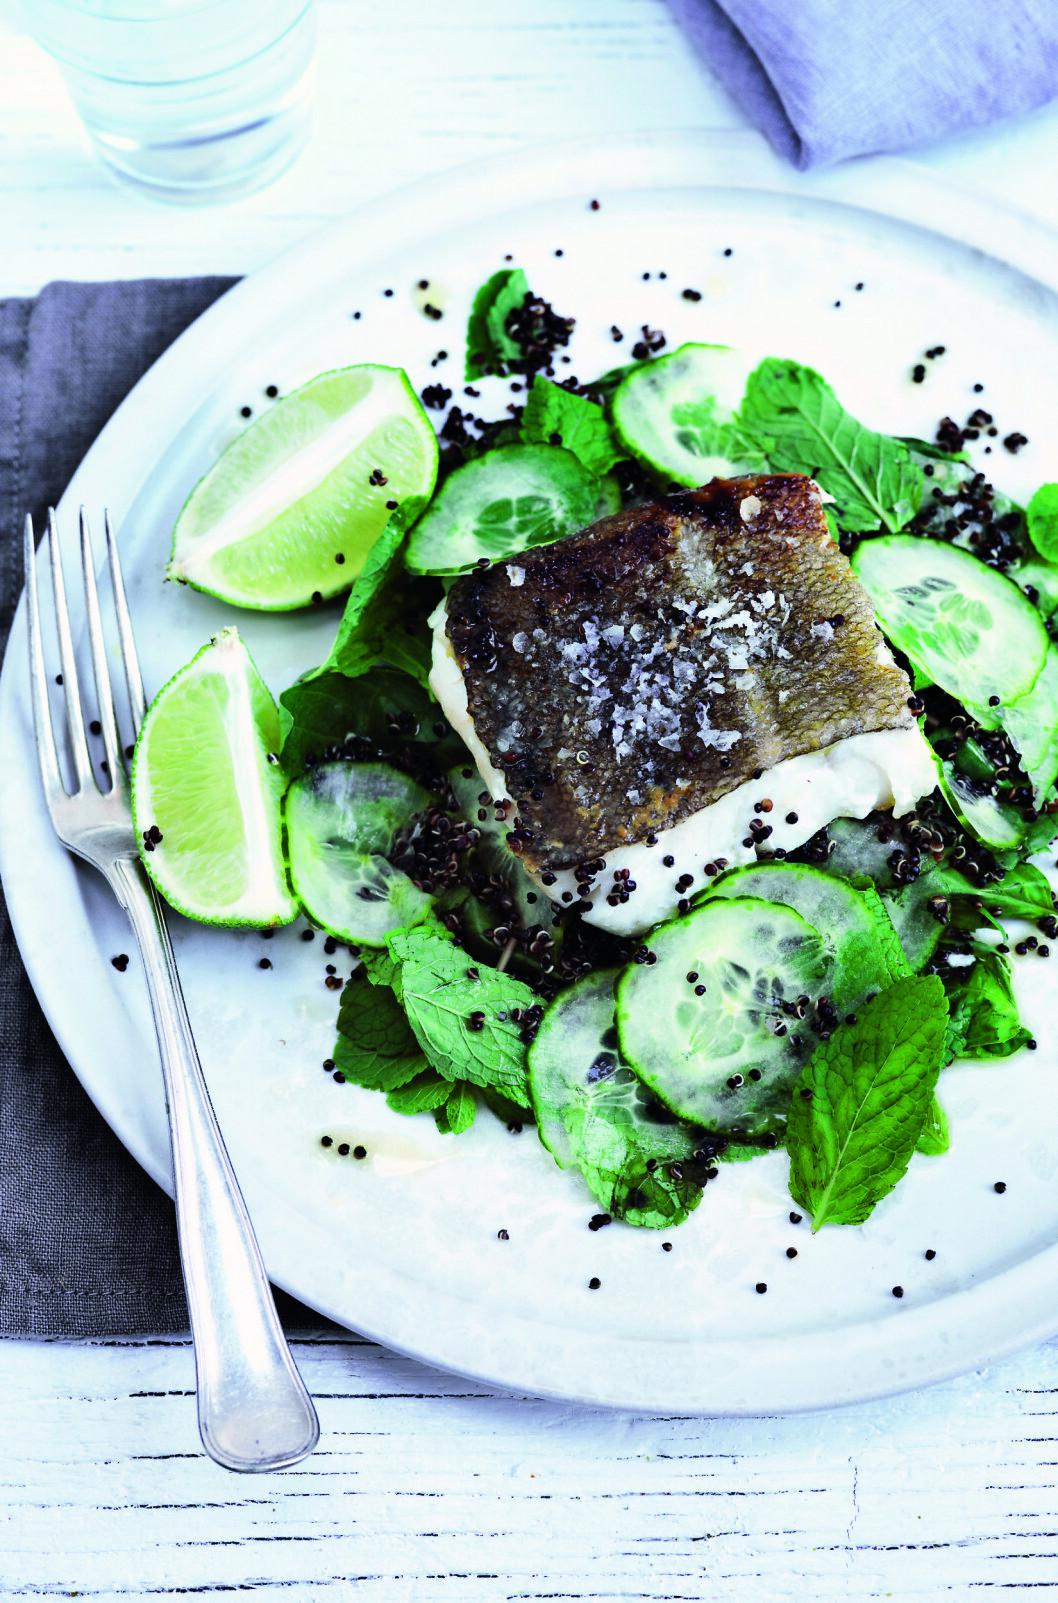 FRØET QUINOA: Quinoa er en forholdsvis ny matvare her i Norge, men det ekstremt næringsrike frøet har vært dyrket av inkaene i Andesfjellene i ca. 5000 år. Foto: All Over Press